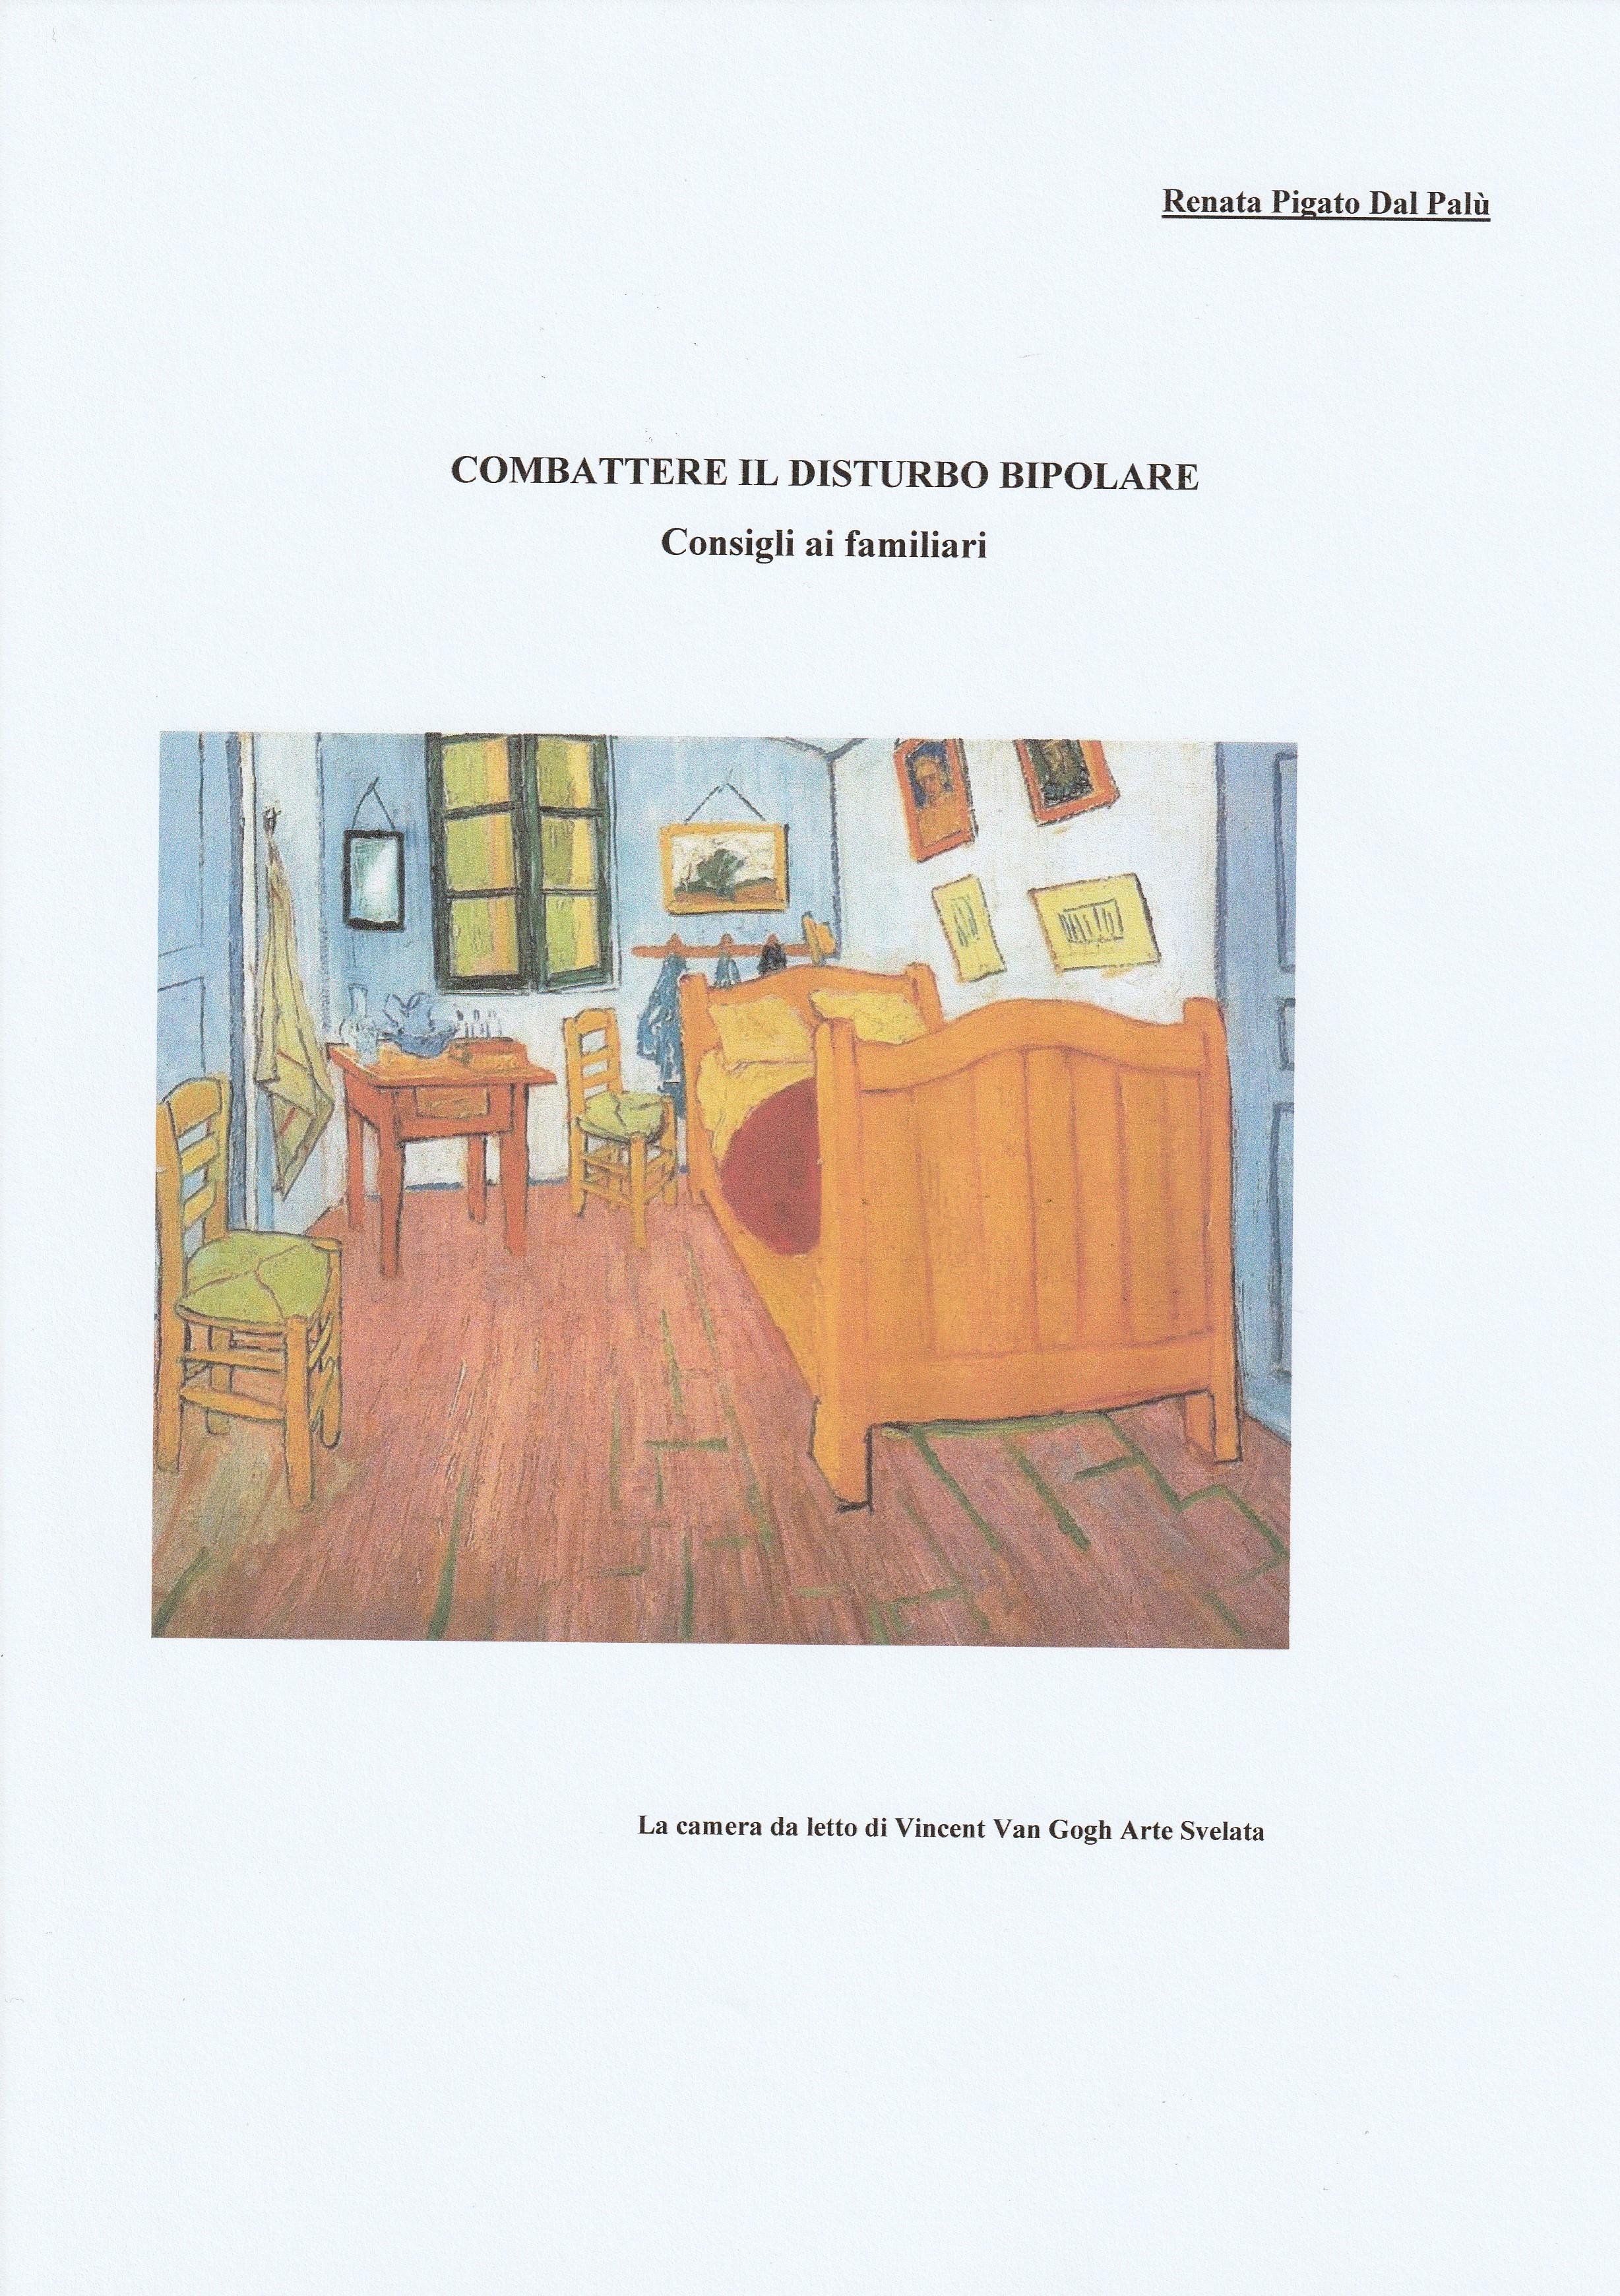 Copertina_Libro_14aprile2021 Servizi per il Disturbo Bipolare